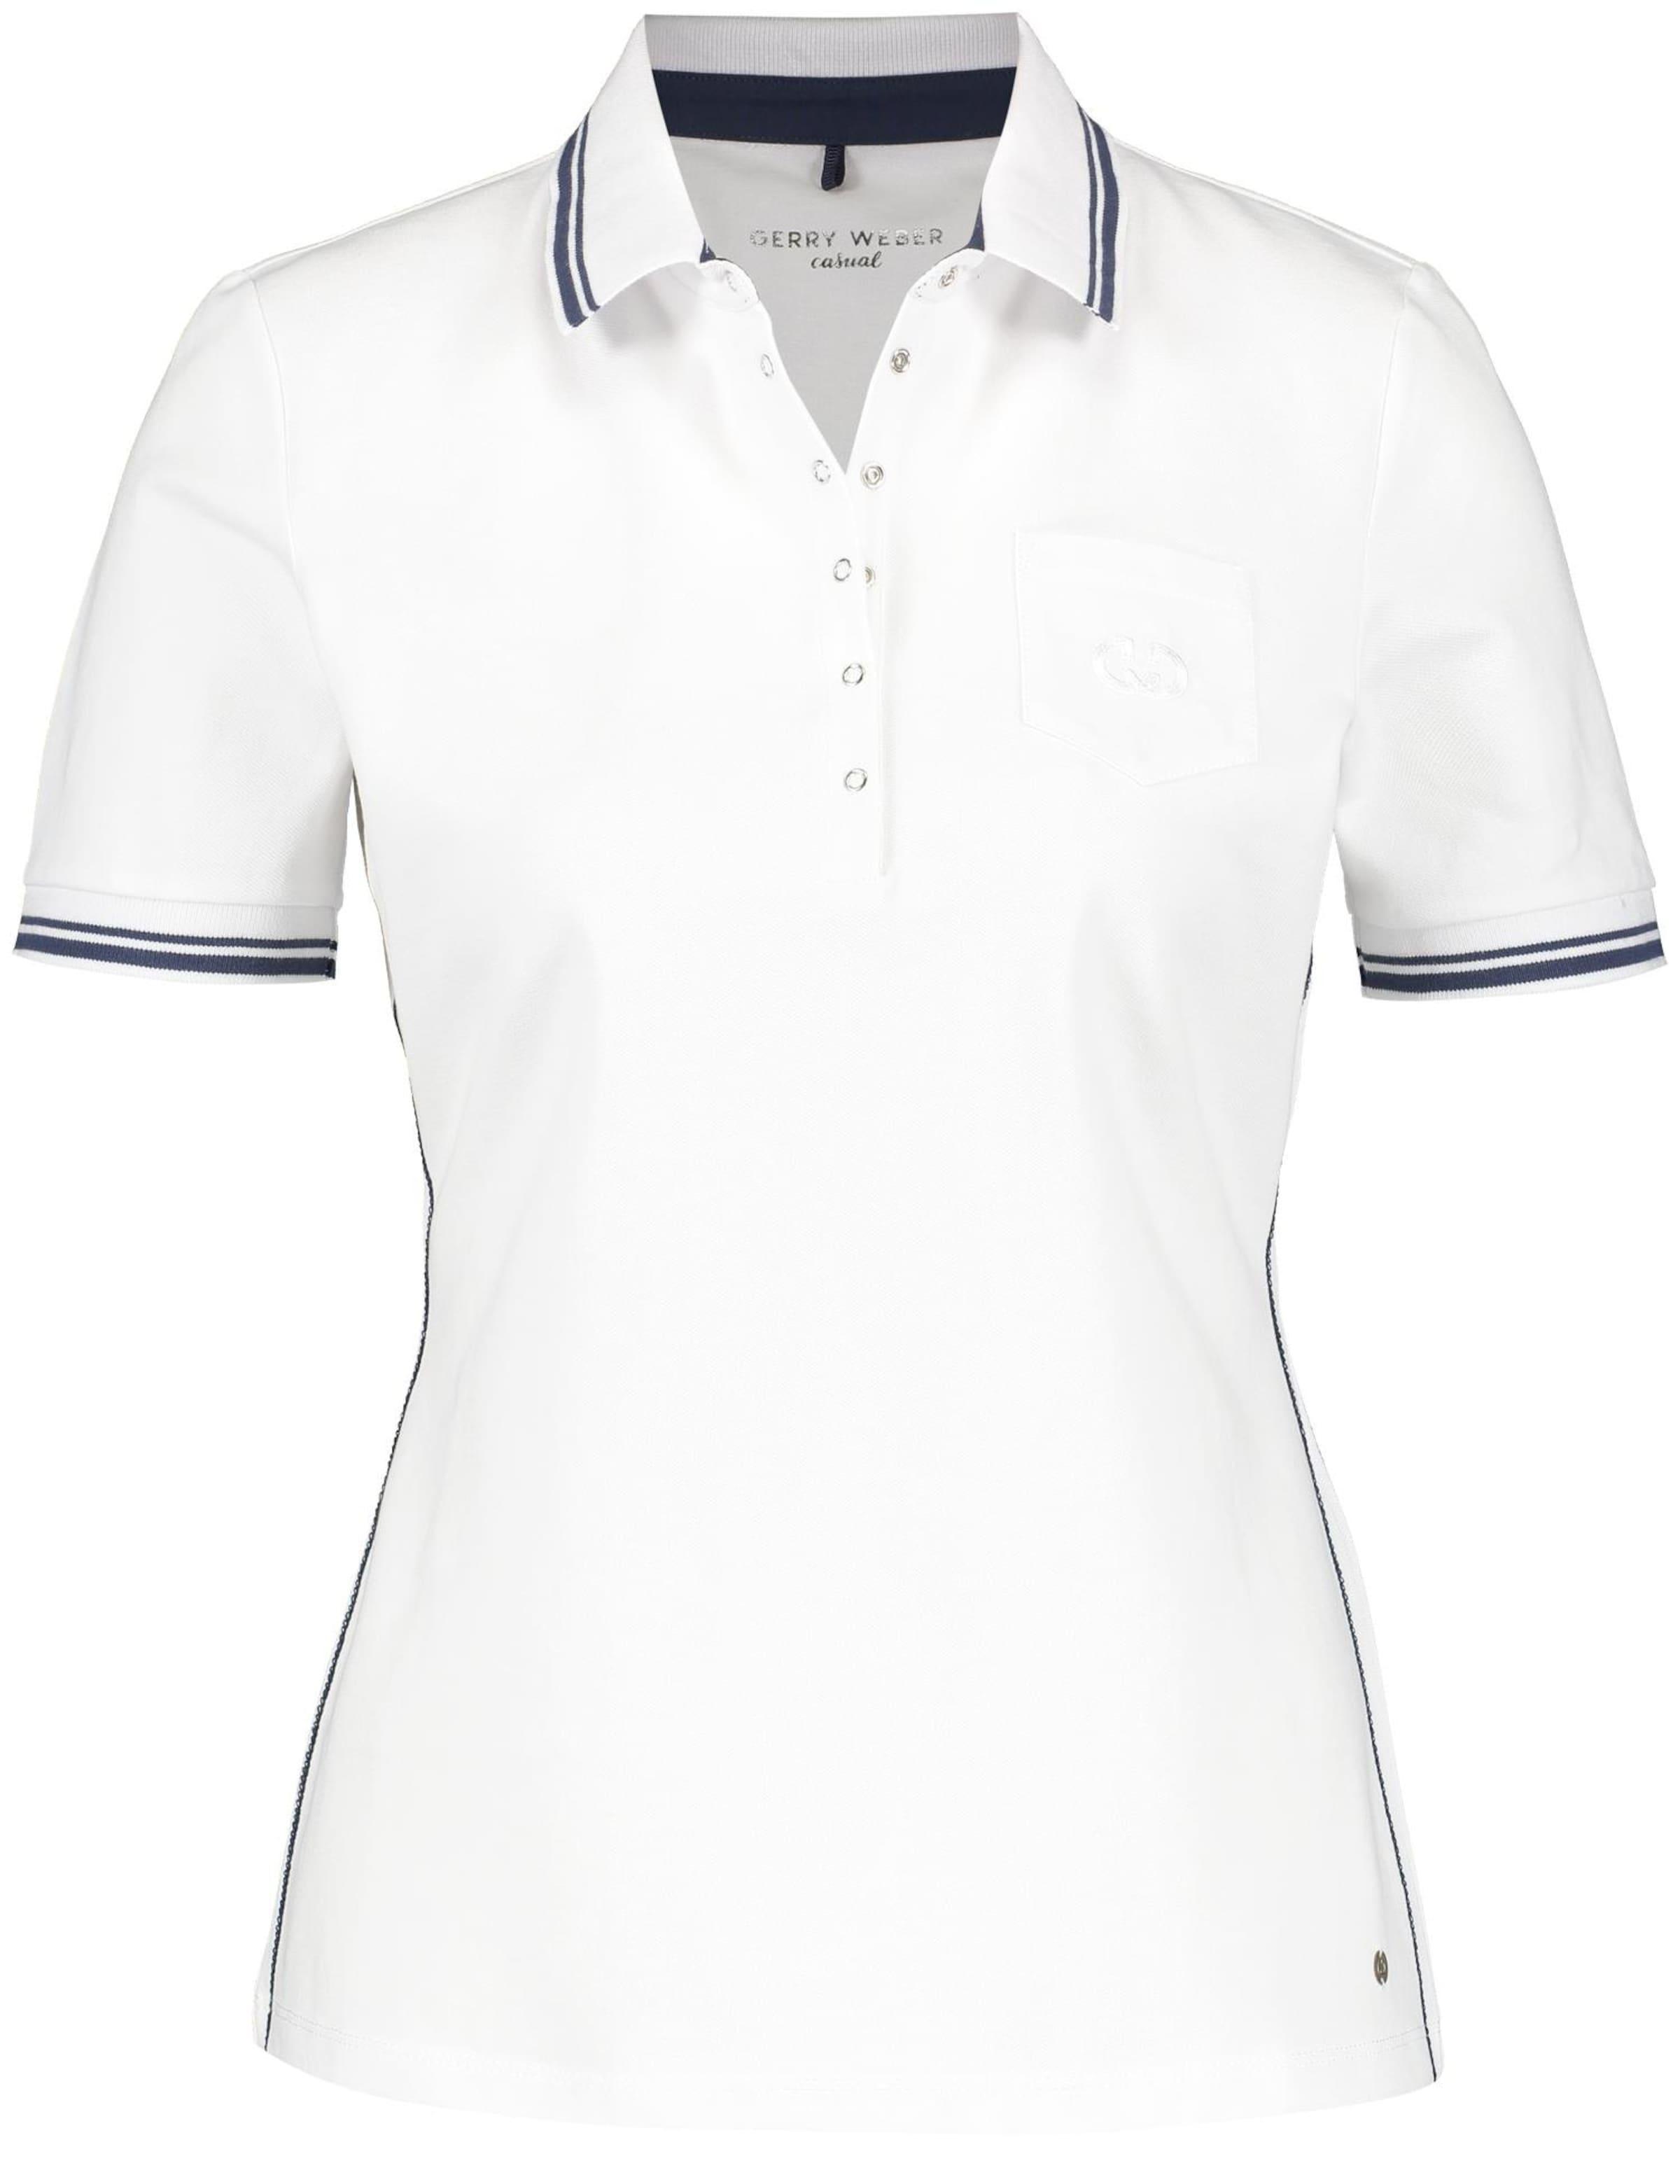 Polo shirt Arm T 2 shirt In Weiß Gerry 1 Weber GSUMpzVq